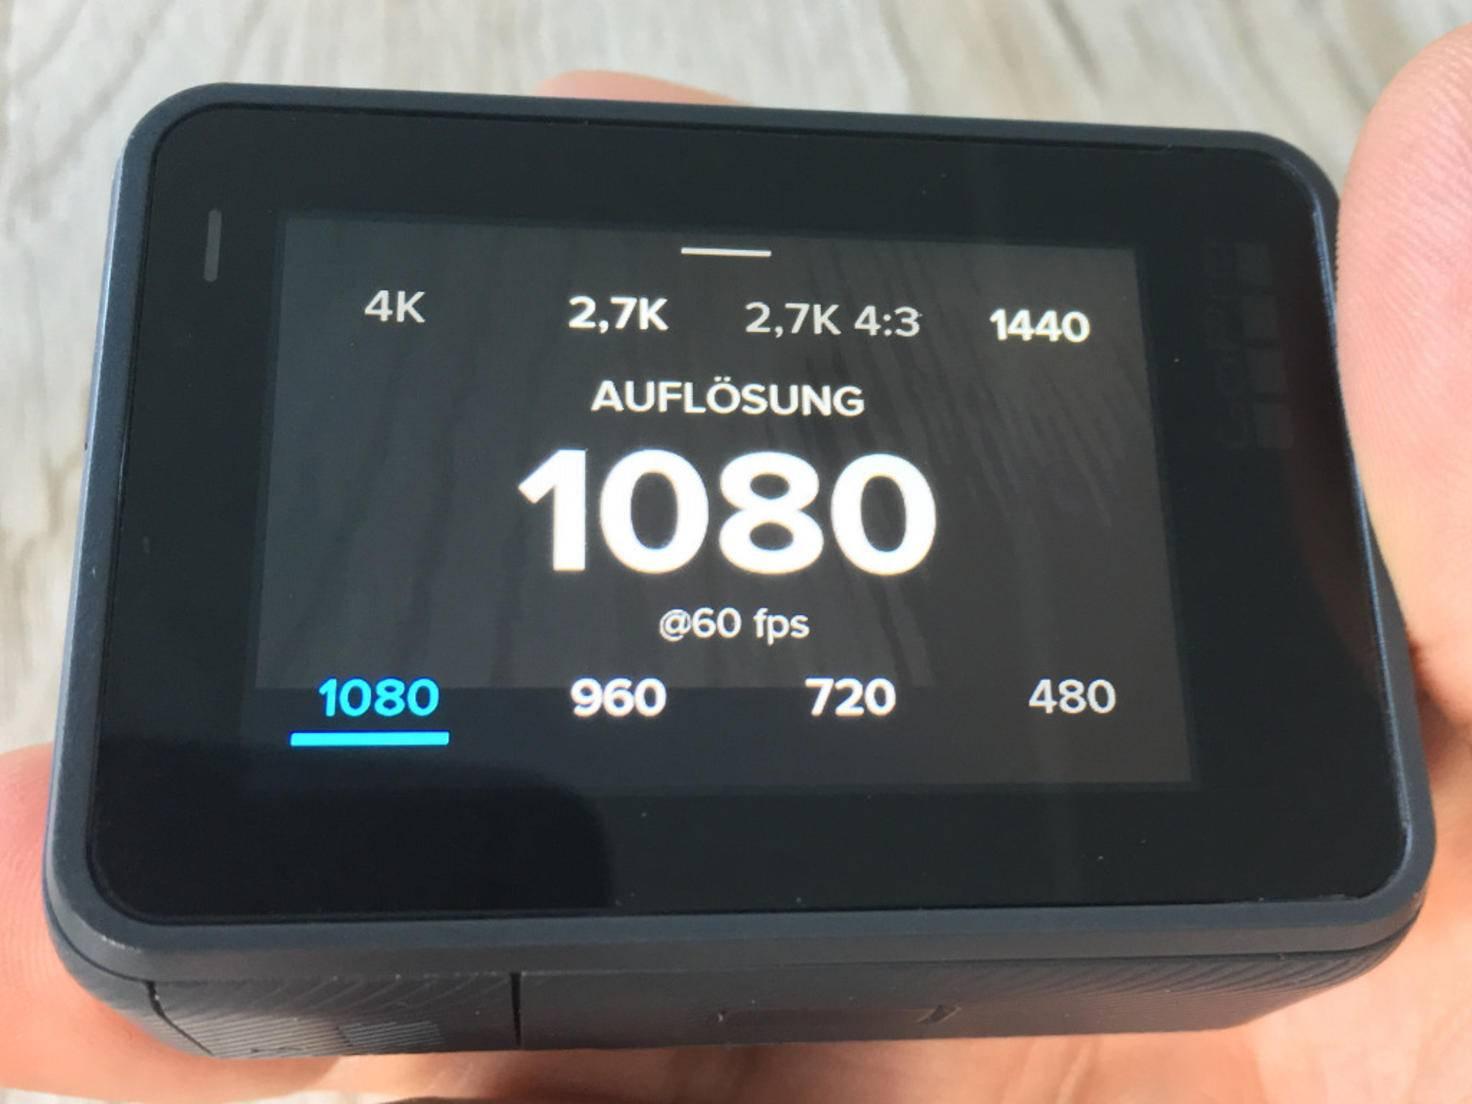 GoPro Hero 5 Auflösung.jpg